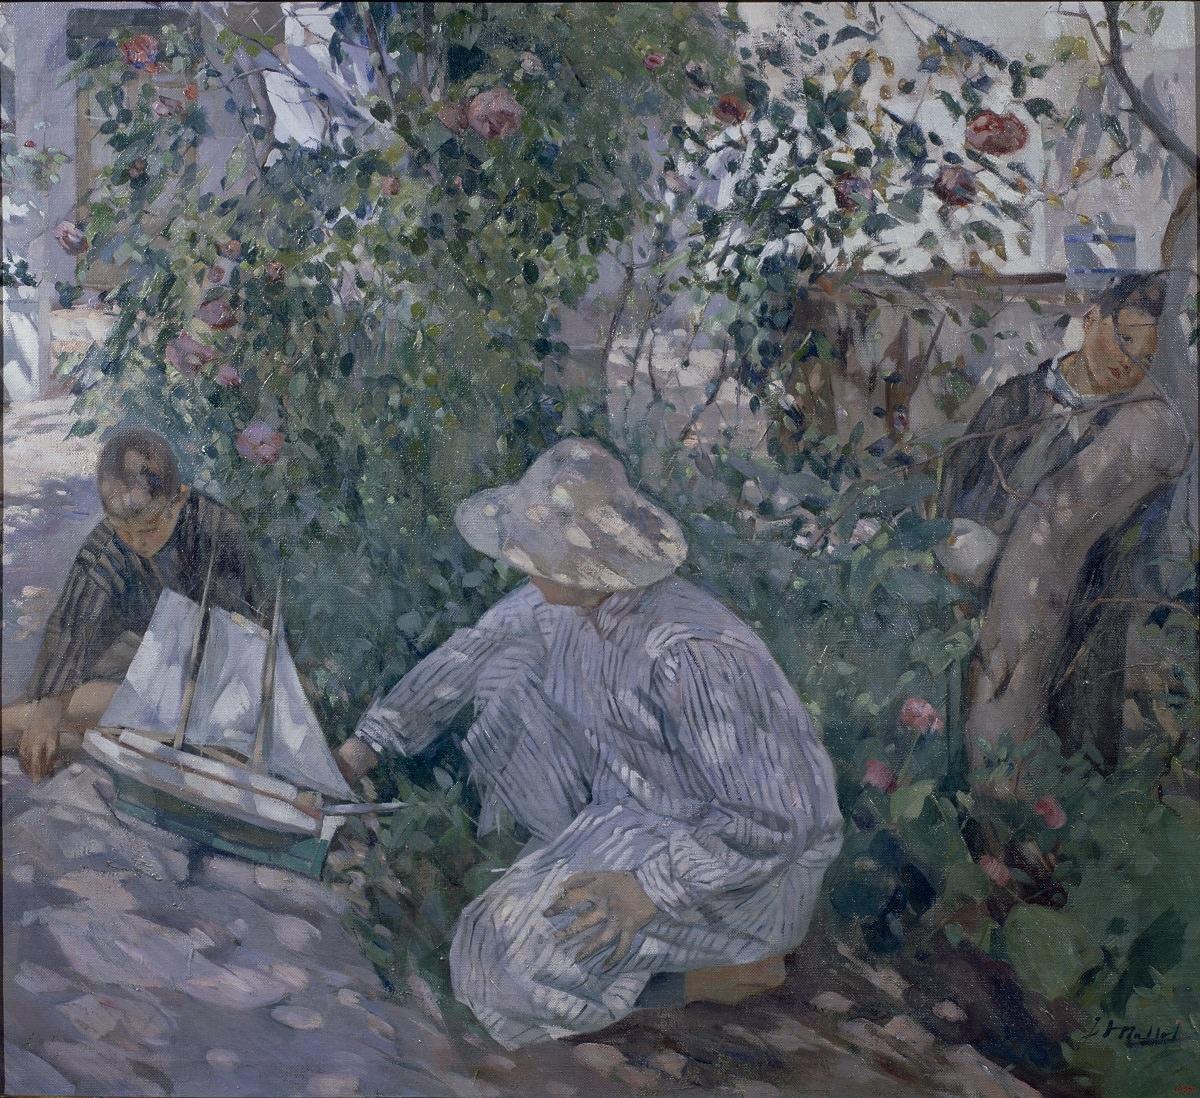 Игнасио Майоль. Кусты роз (Коста-Брава). 1920. Национальный музей искусства Каталонии, Барселона